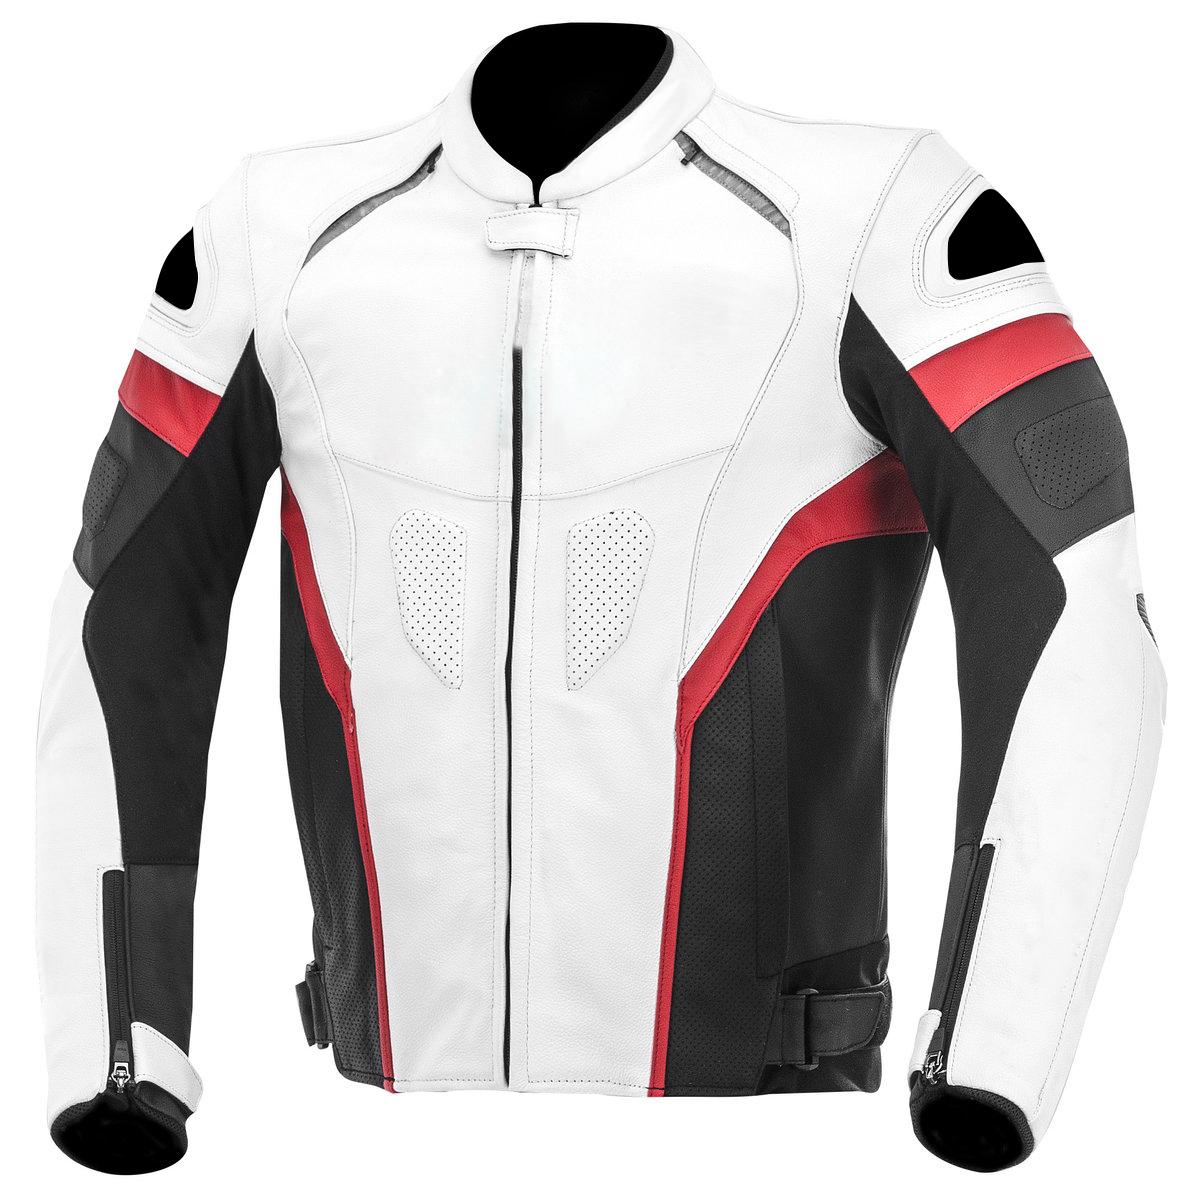 Дышащая мотоциклетная кожаная куртка, мотоциклетная куртка для верховой езды